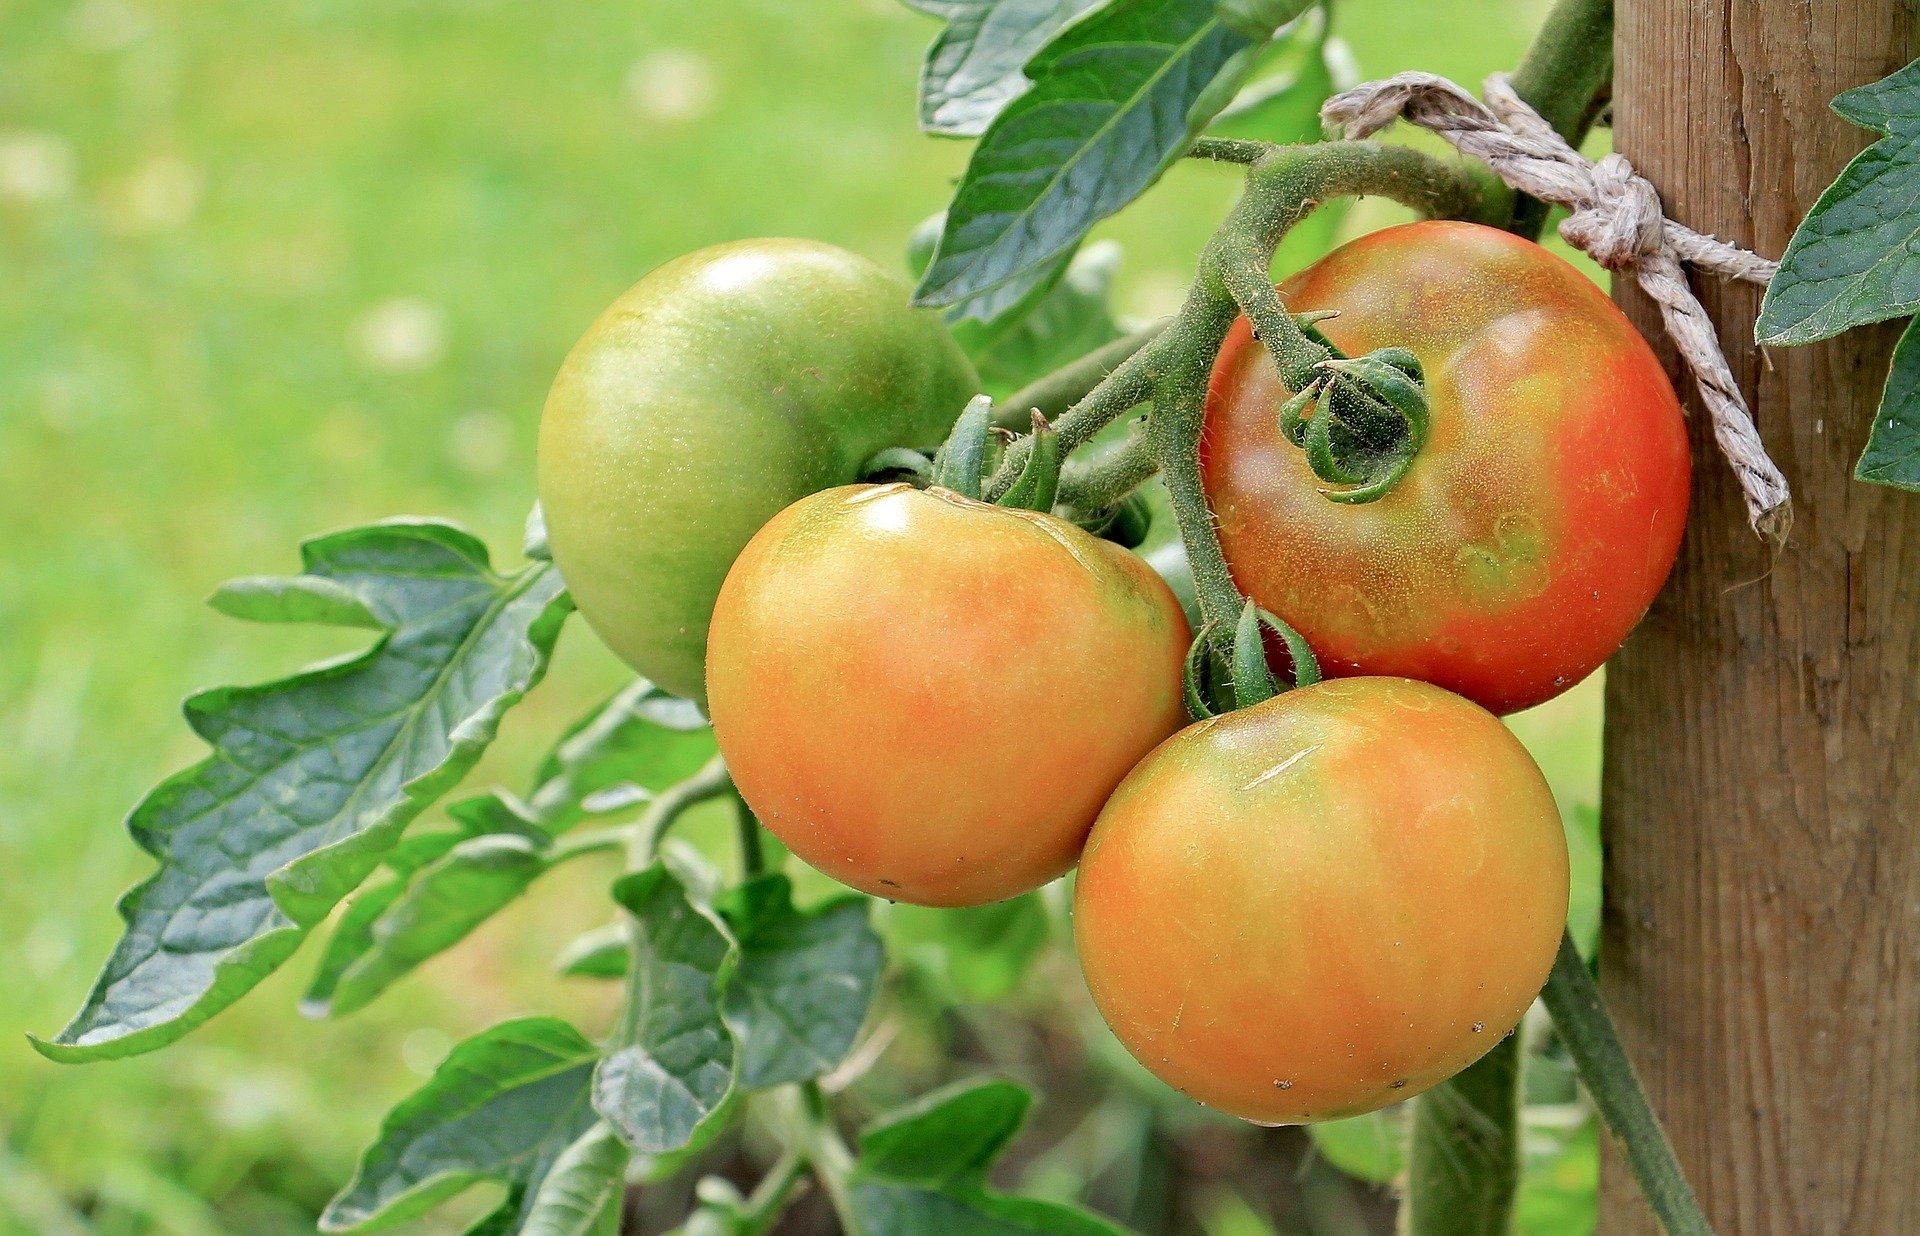 Les tomates peuvent avertir leurs plants des attaques de ravageurs